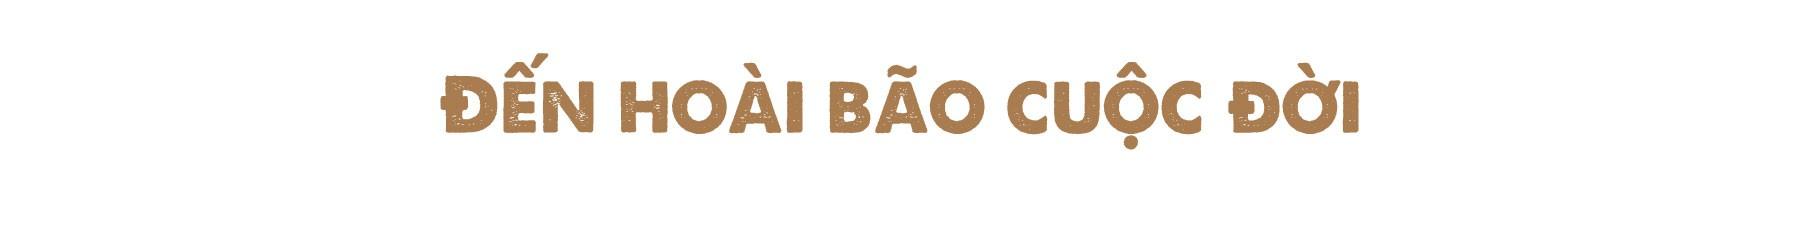 [eMagazine] - NSƯT Hoài Linh: Tôi có nguồn cảm hứng sáng tạo từ giải Mai Vàng - Ảnh 9.